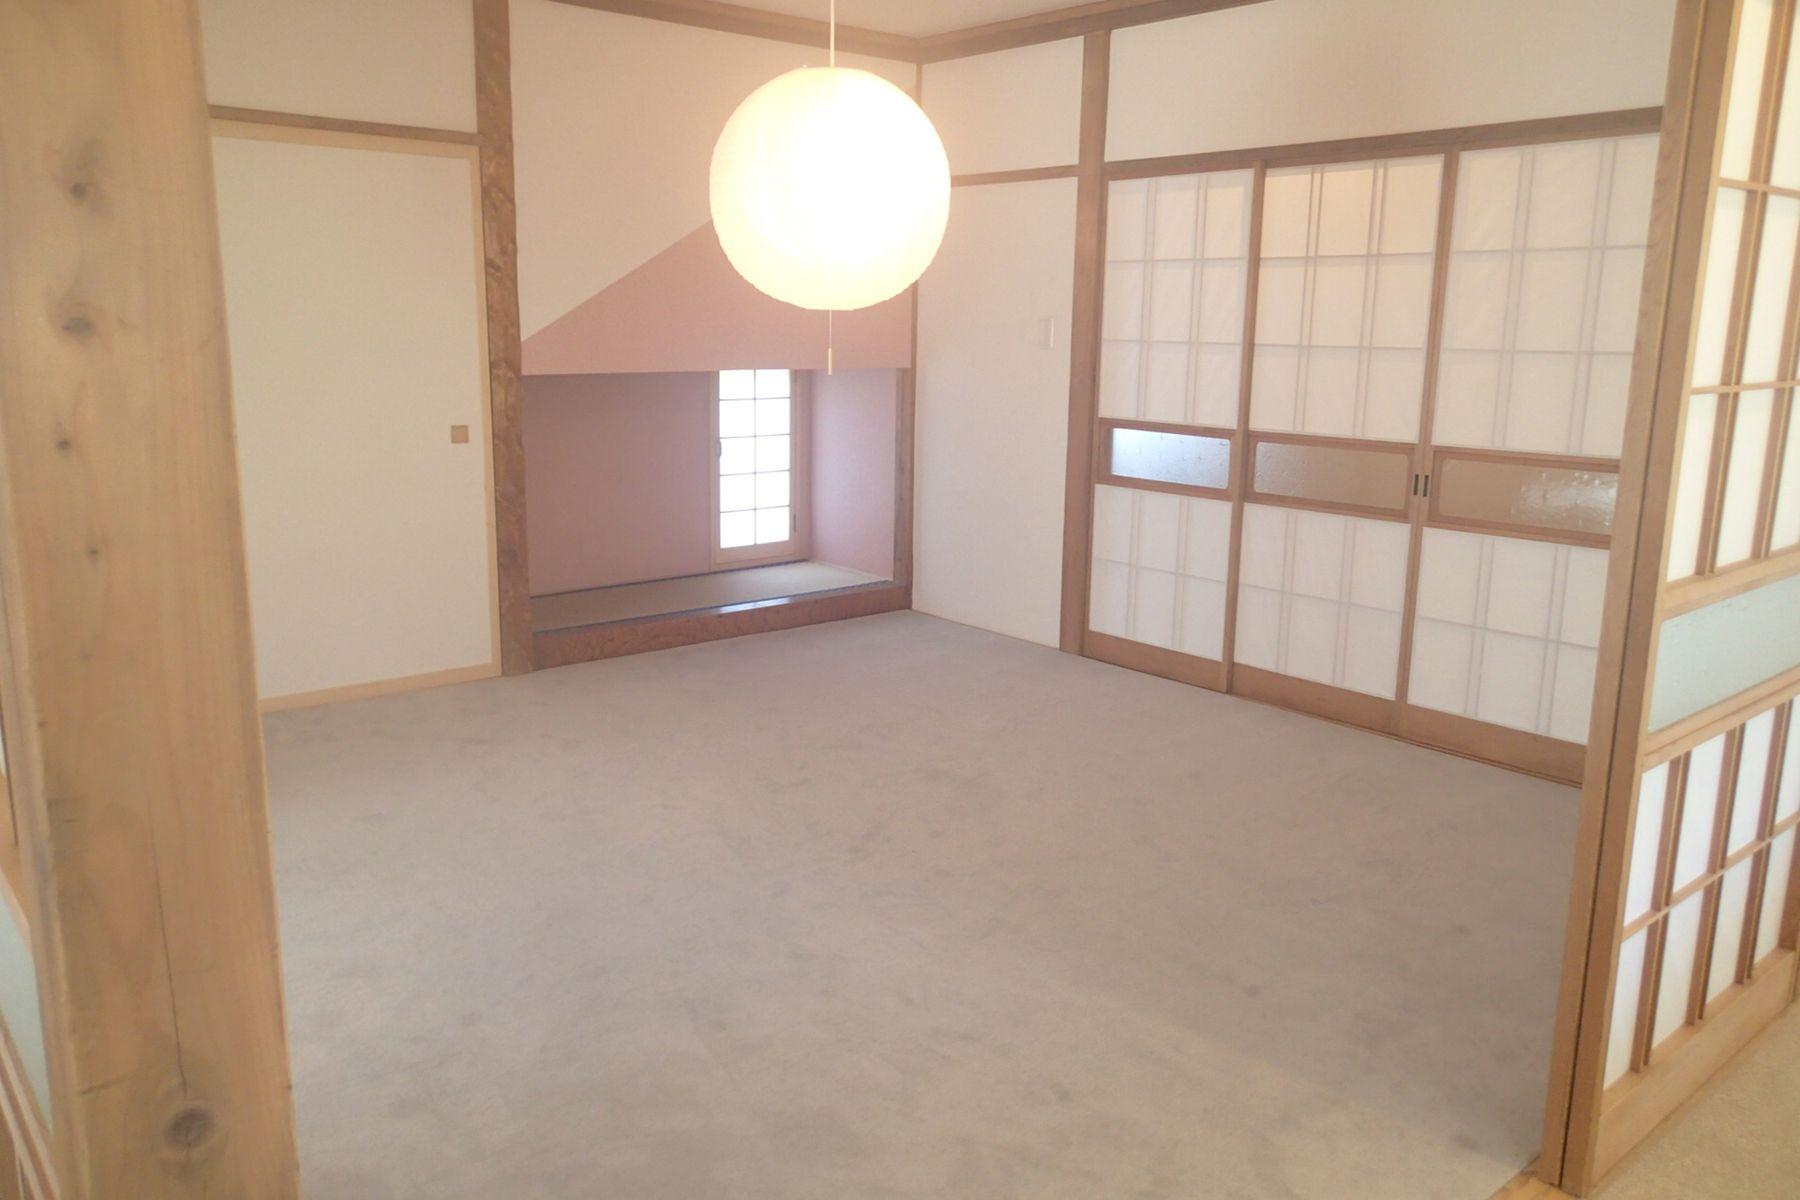 グリーンゲーブル富士ヶ嶺 (グリーンゲーブルフジガネ)室内 襖を閉めると個室